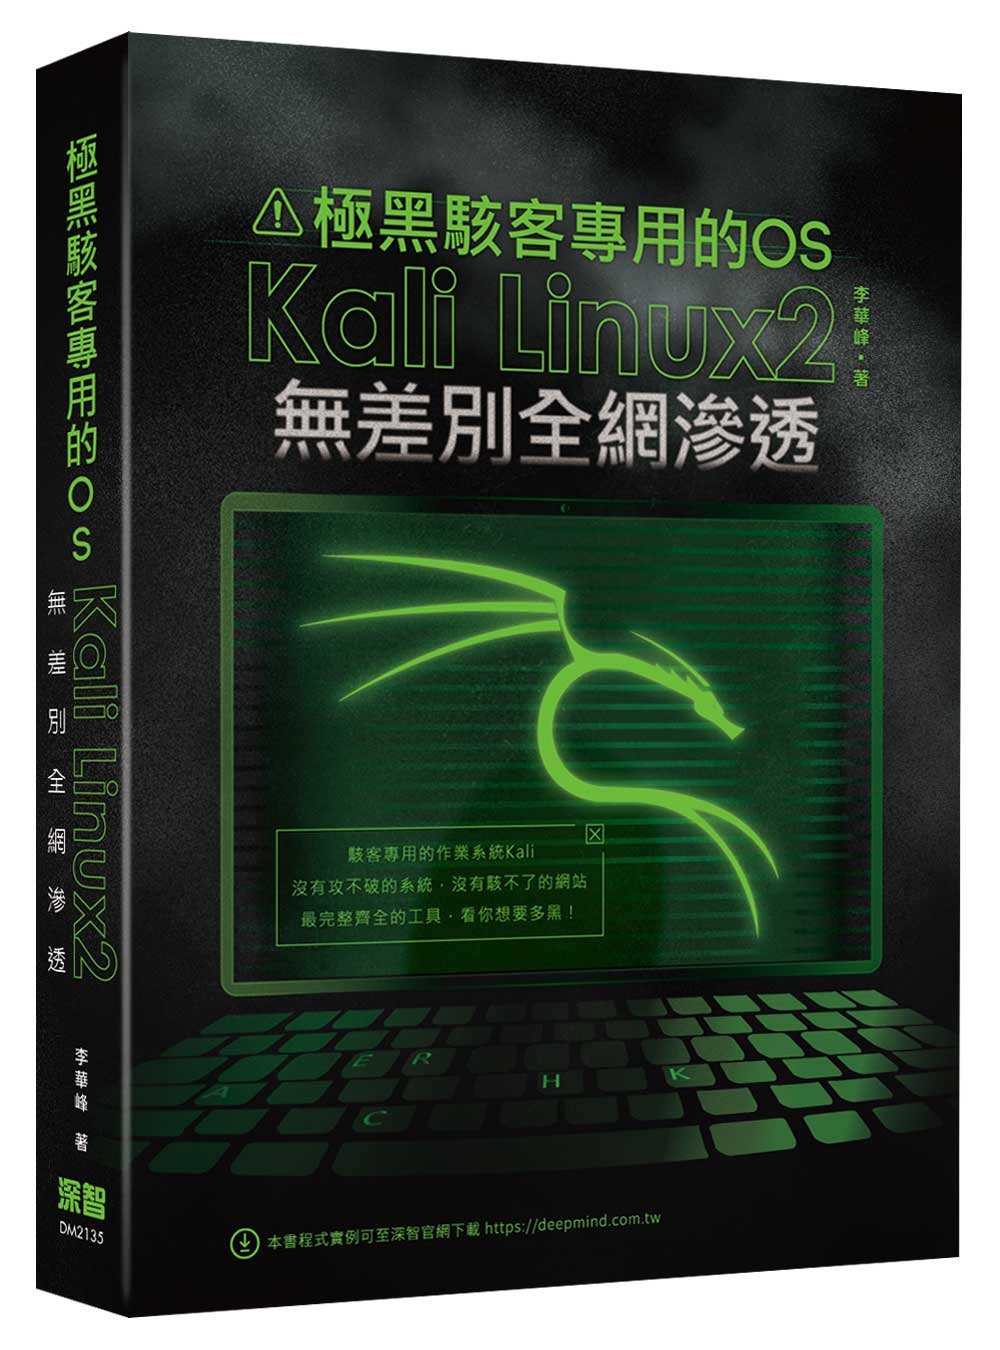 極黑駭客專用的 OS:Kali Linux2 無差別全網滲透-preview-1